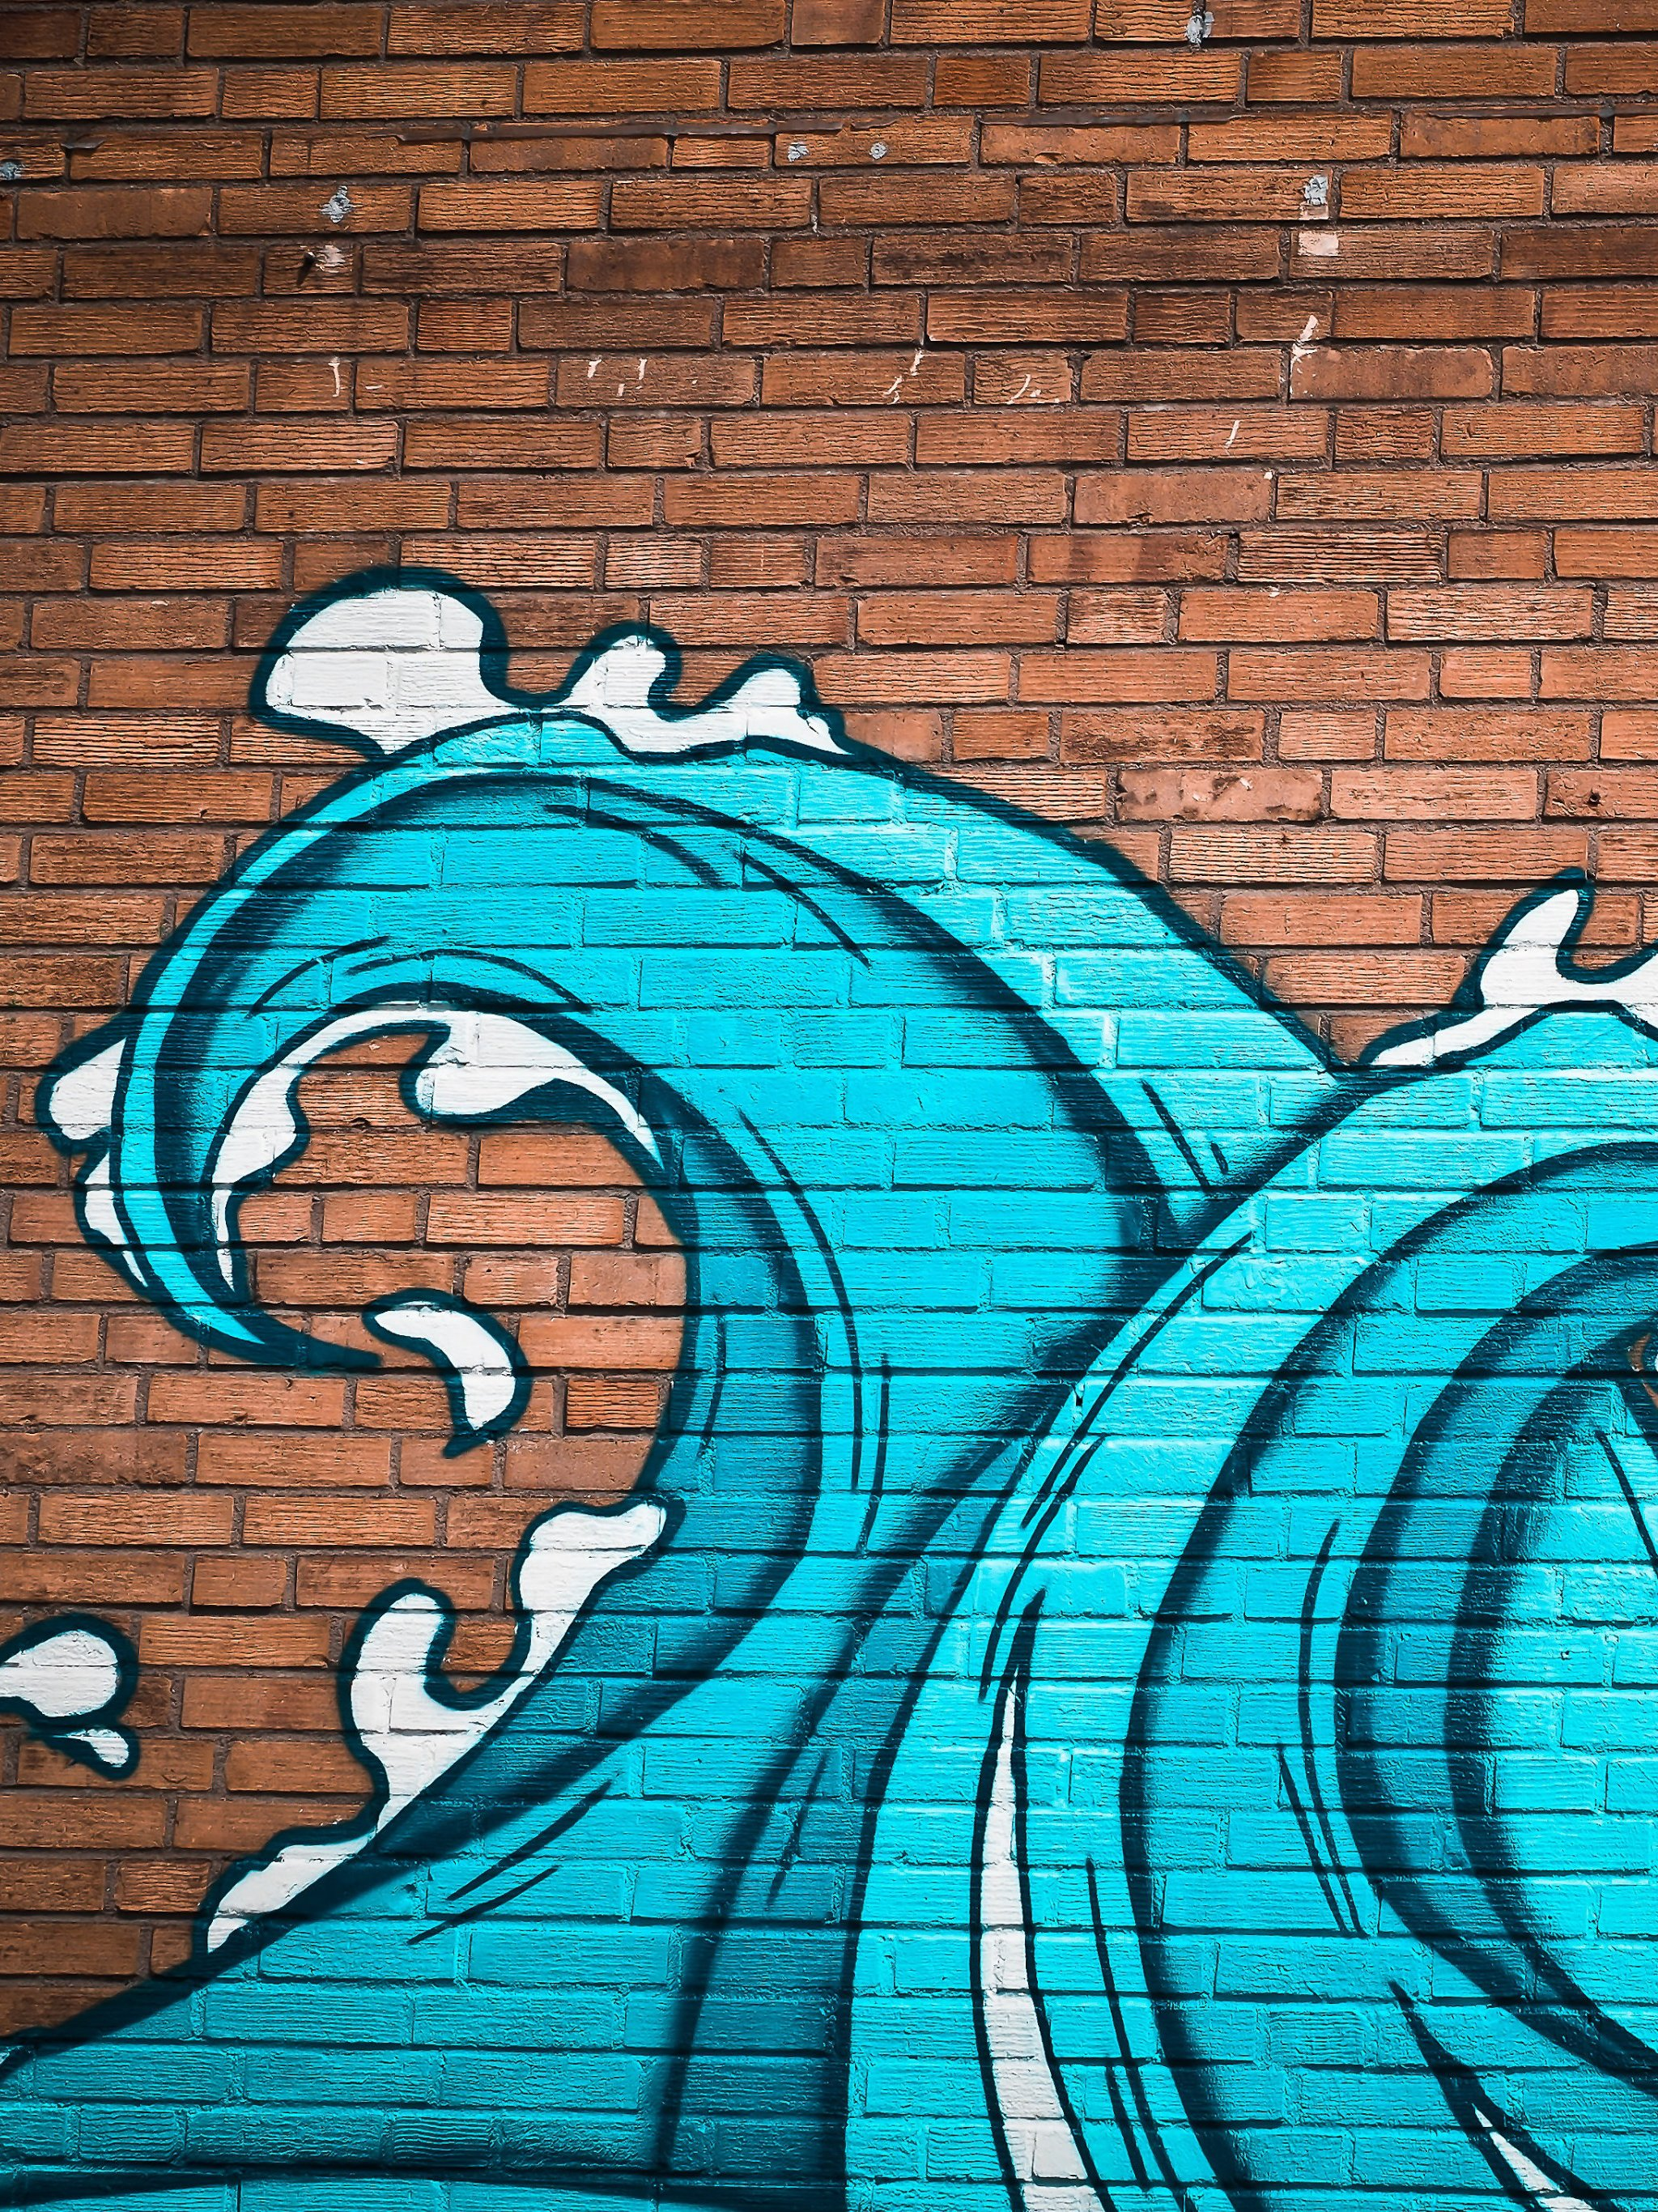 Street art wallpaper